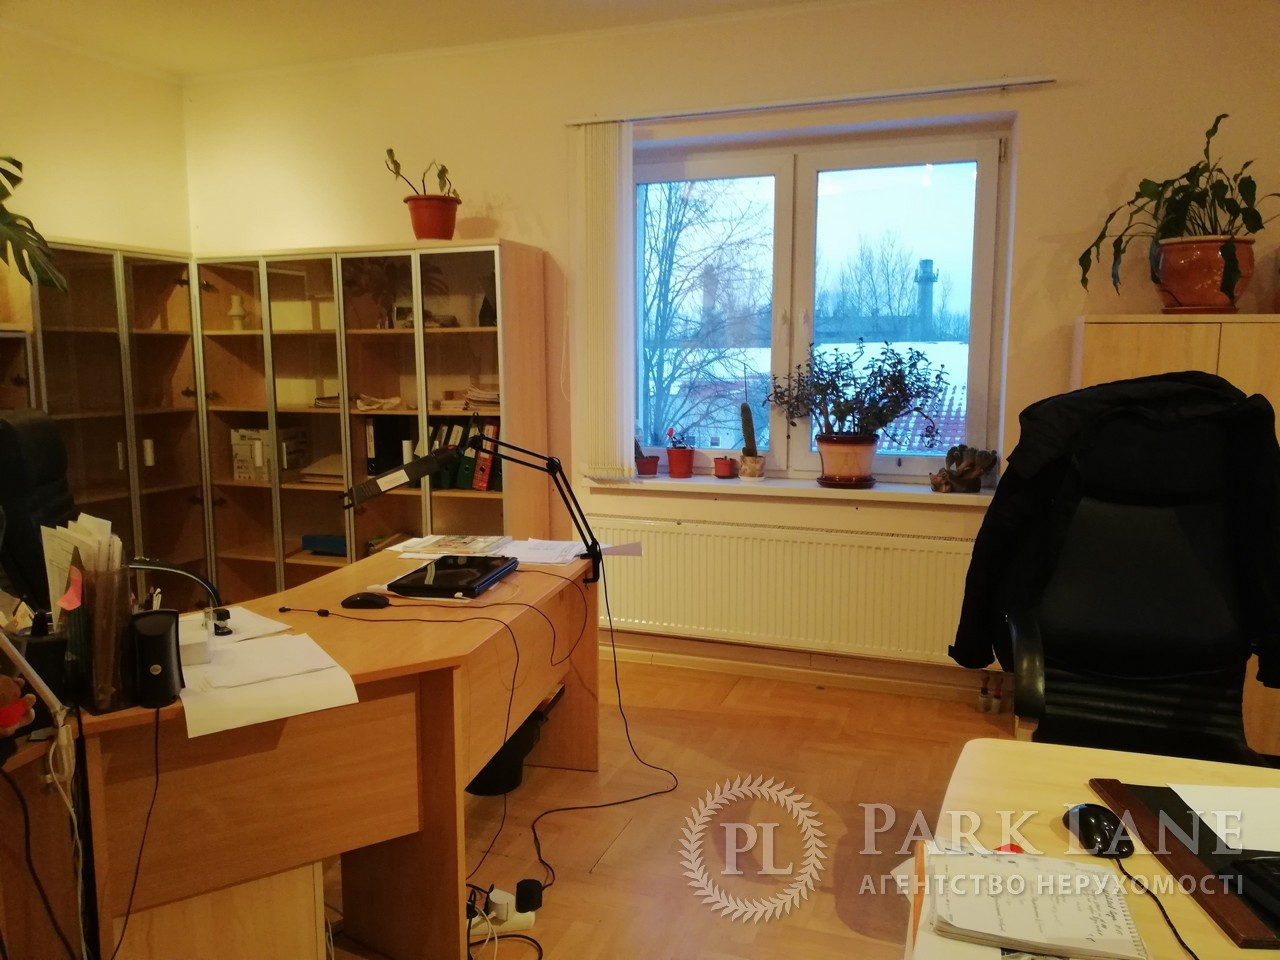 Нежилое помещение, ул. Горького, Софиевская Борщаговка, I-28354 - Фото 2